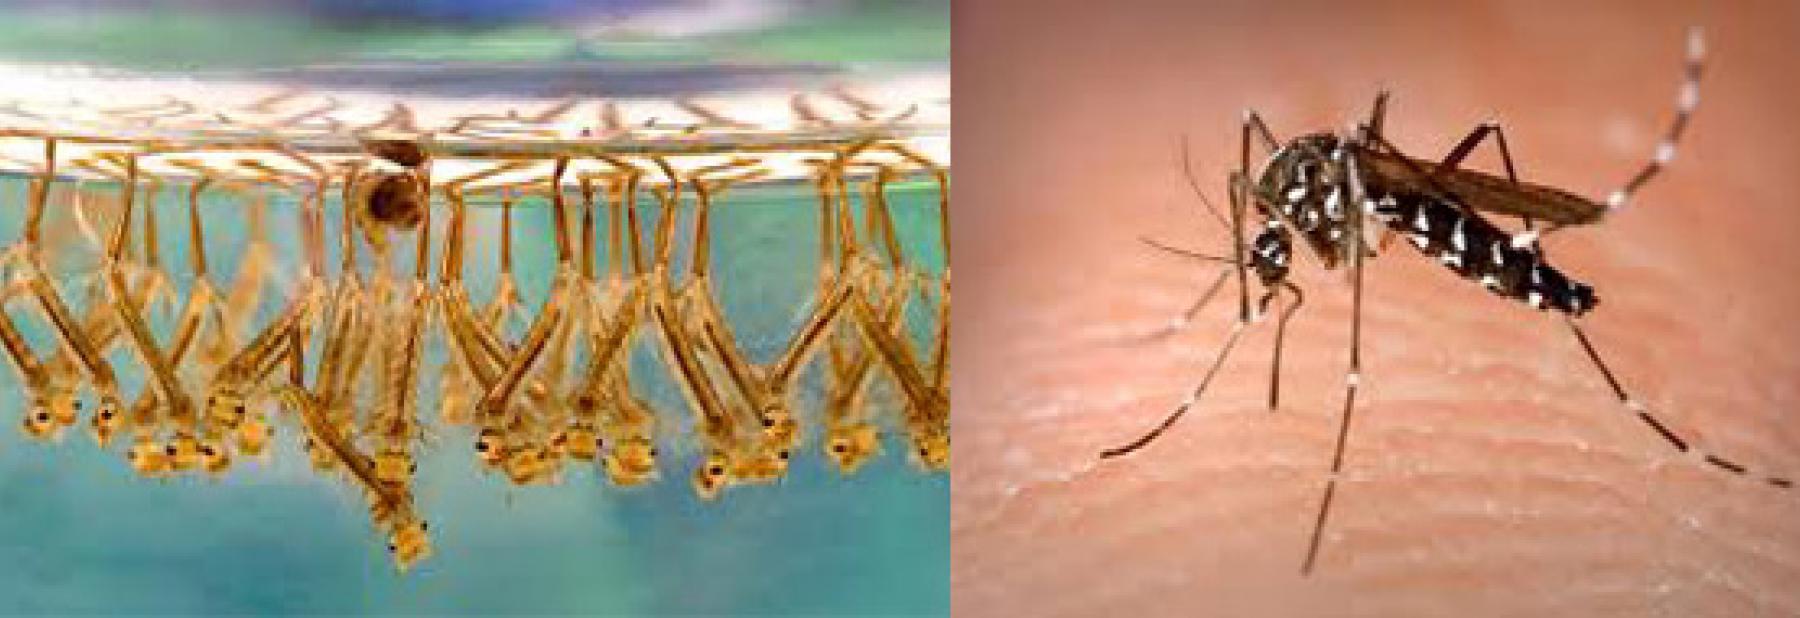 zanzare_e_larve